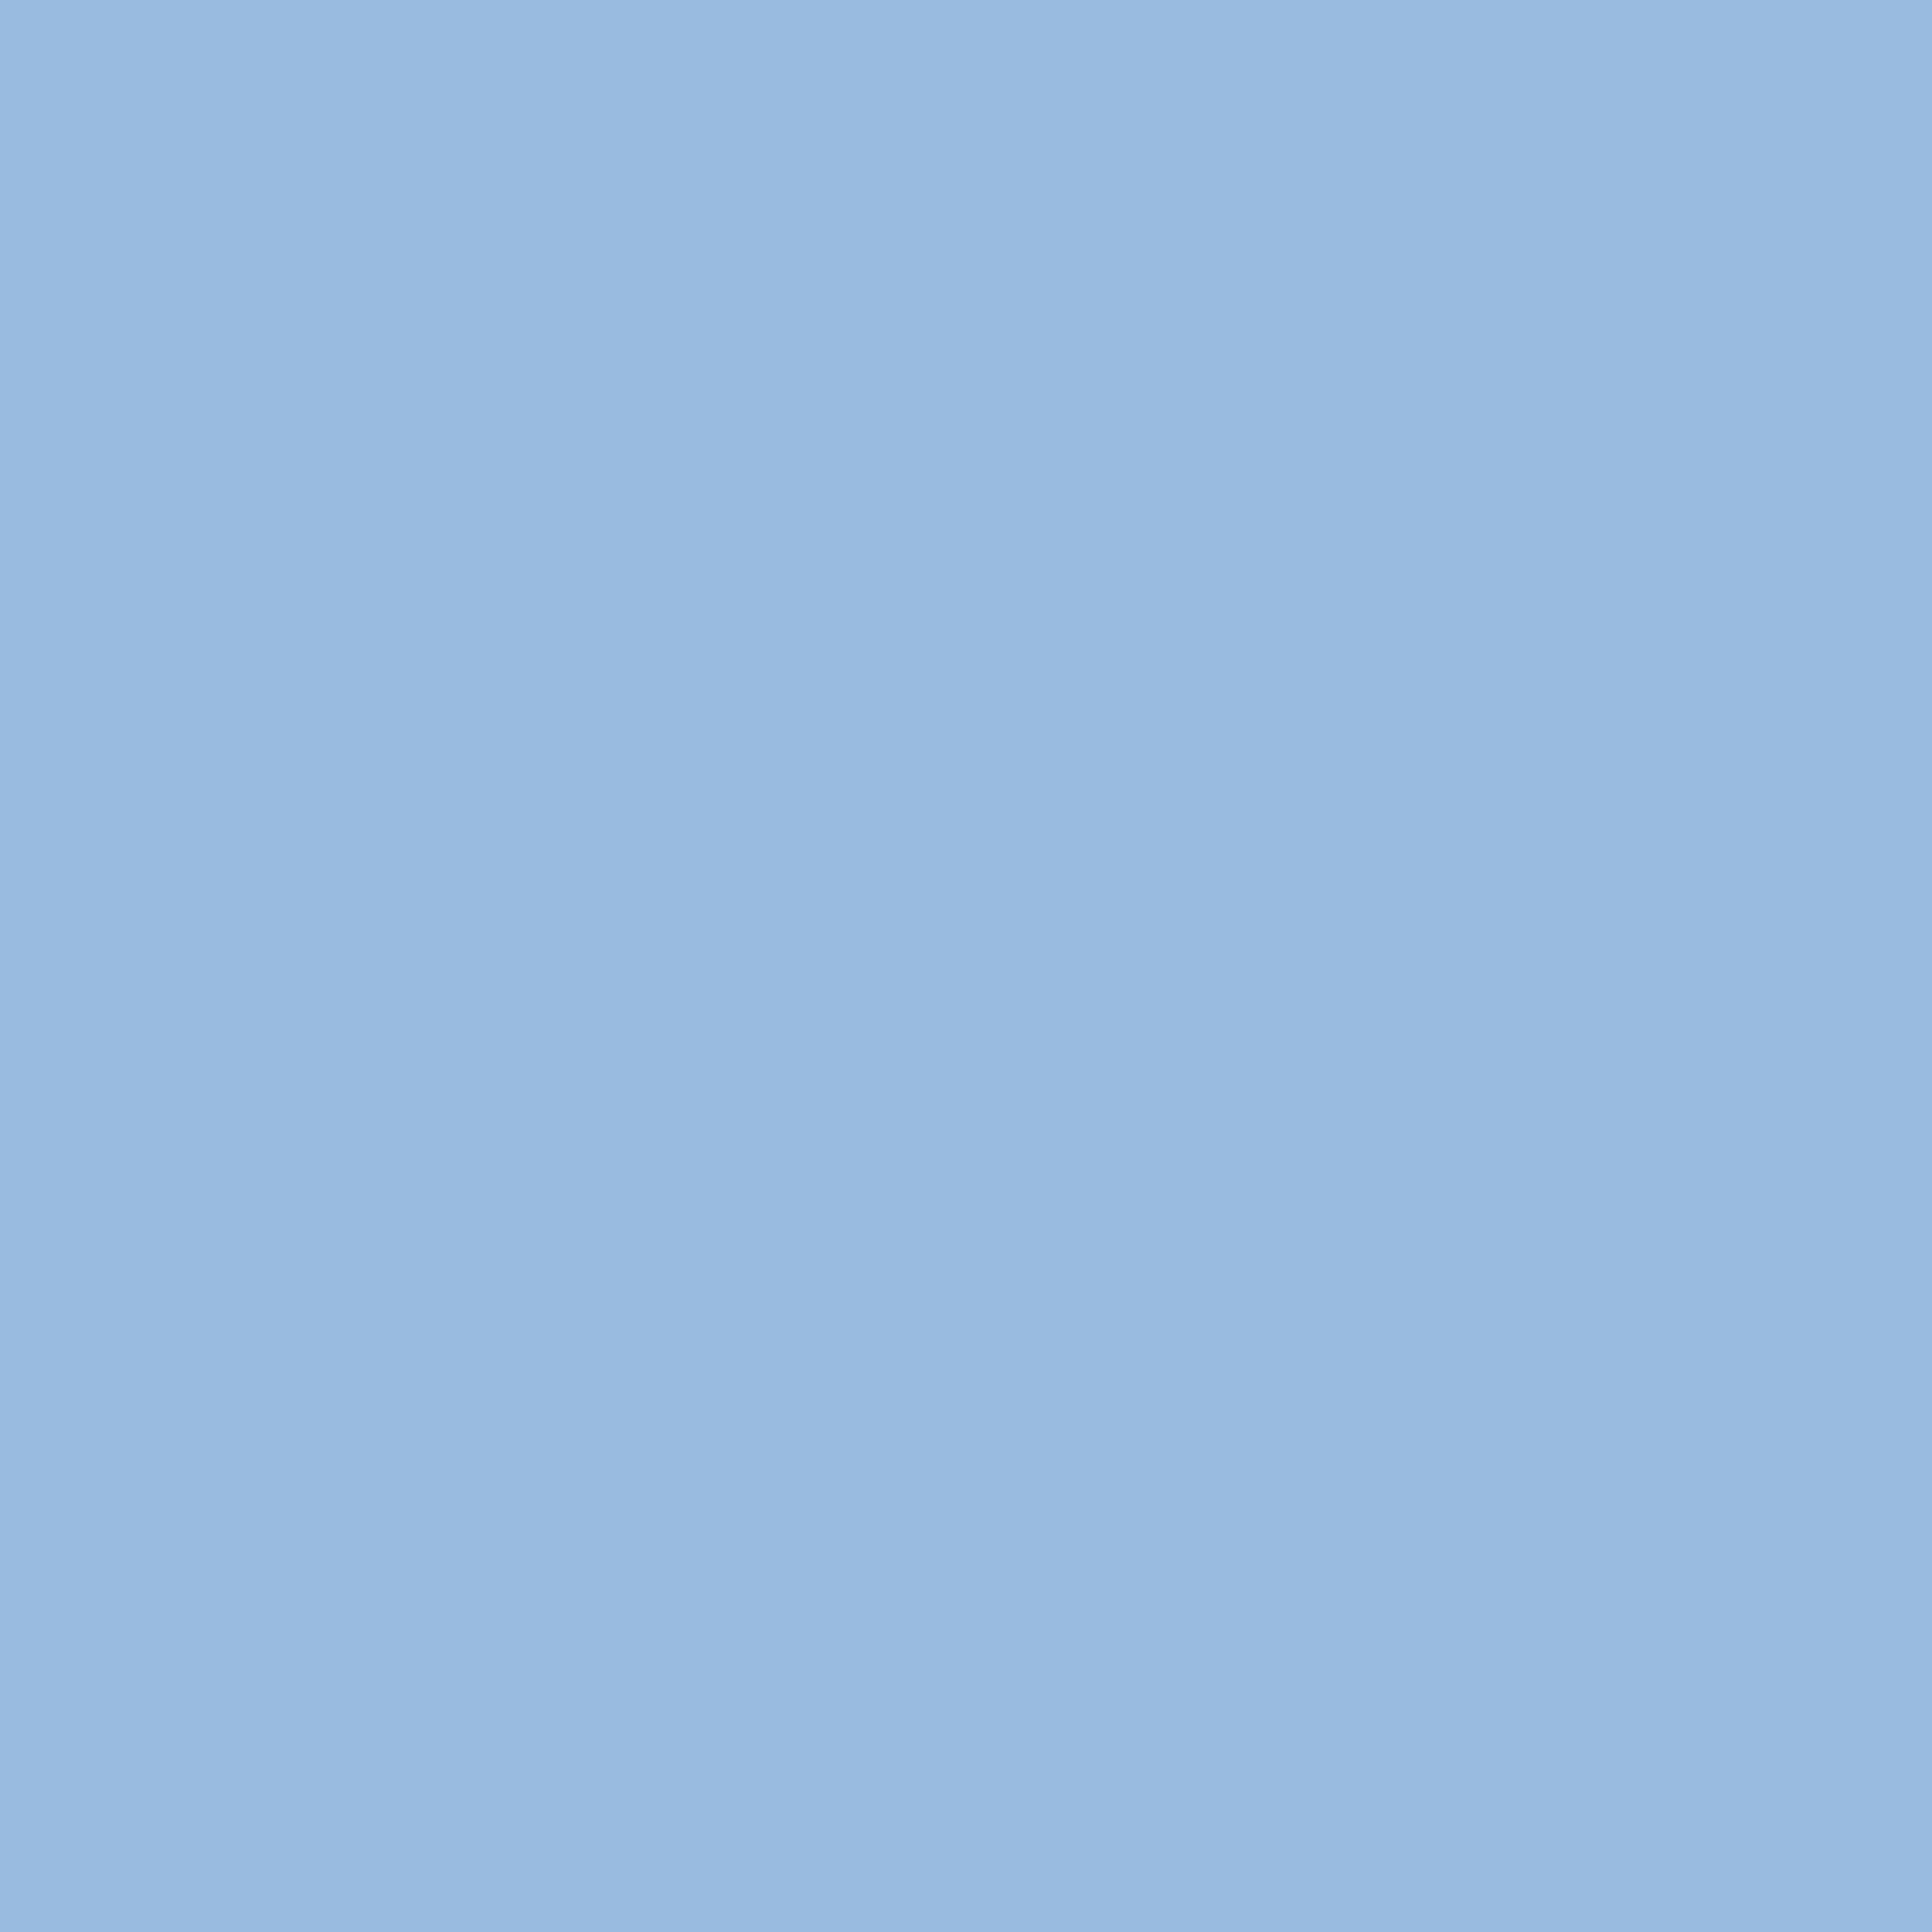 2732x2732 Carolina Blue Solid Color Background